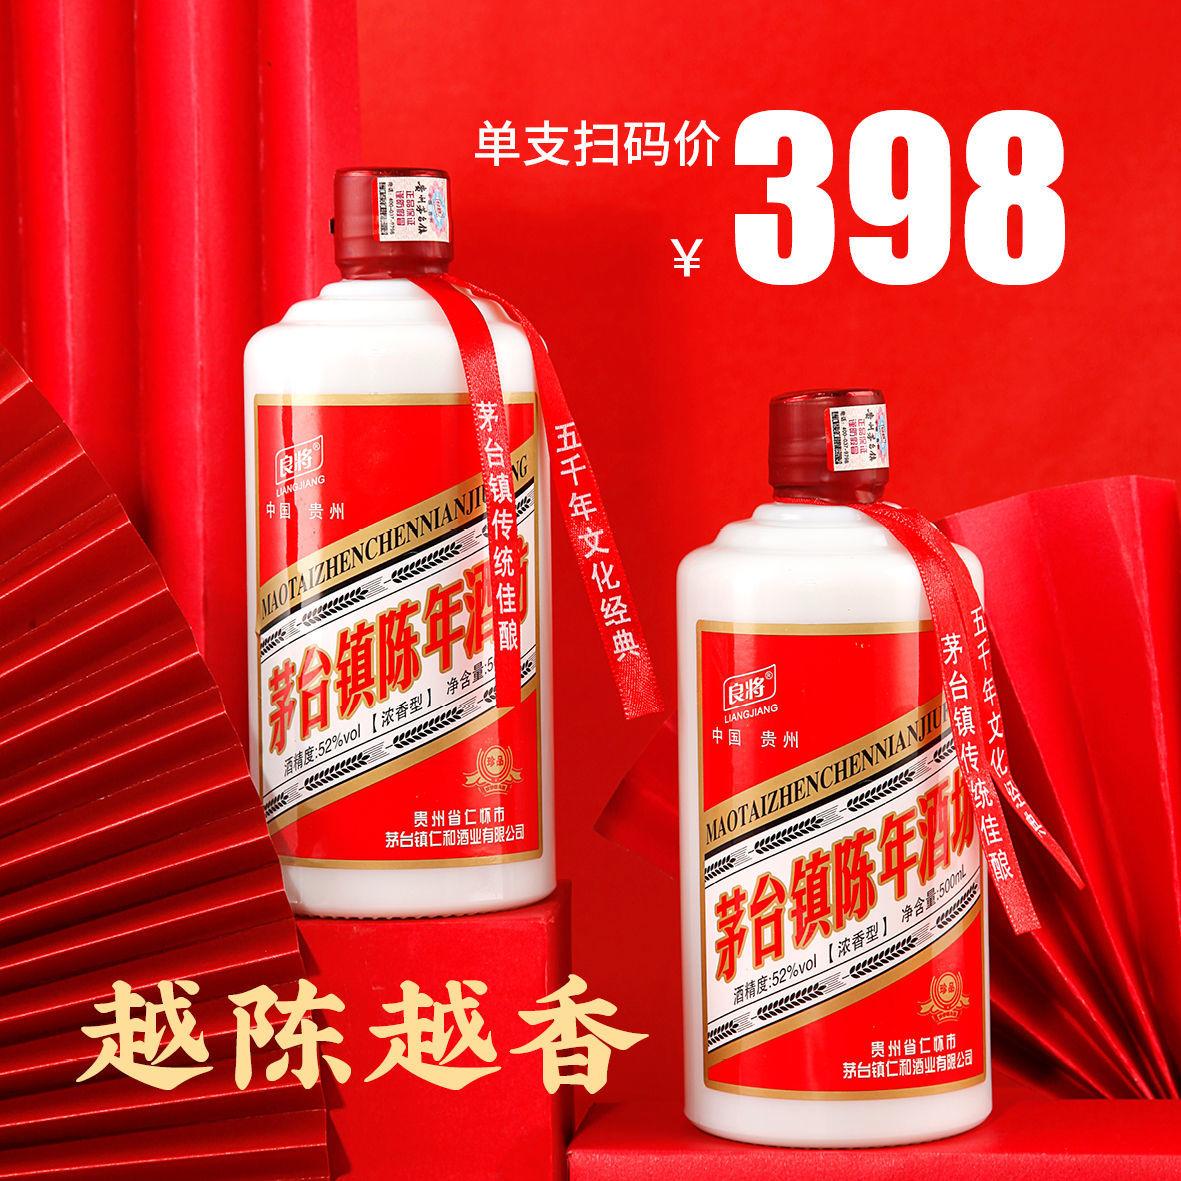 贵州茅台镇原浆纯粮陈年酒坊52度浓香500ml×6瓶白酒整箱酒水批发